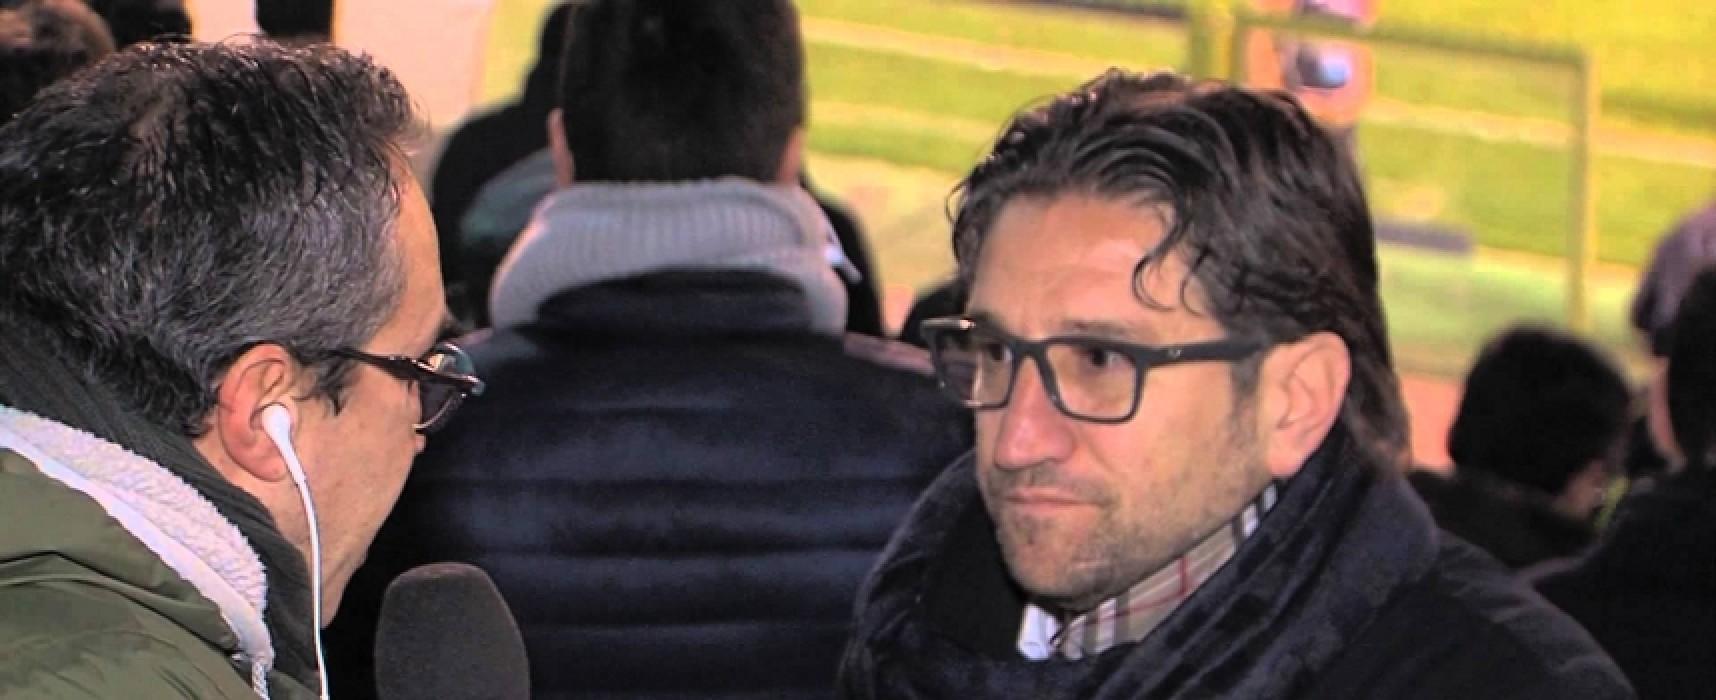 Accordo vicino tra il Bisceglie ed il direttore sportivo De Santis